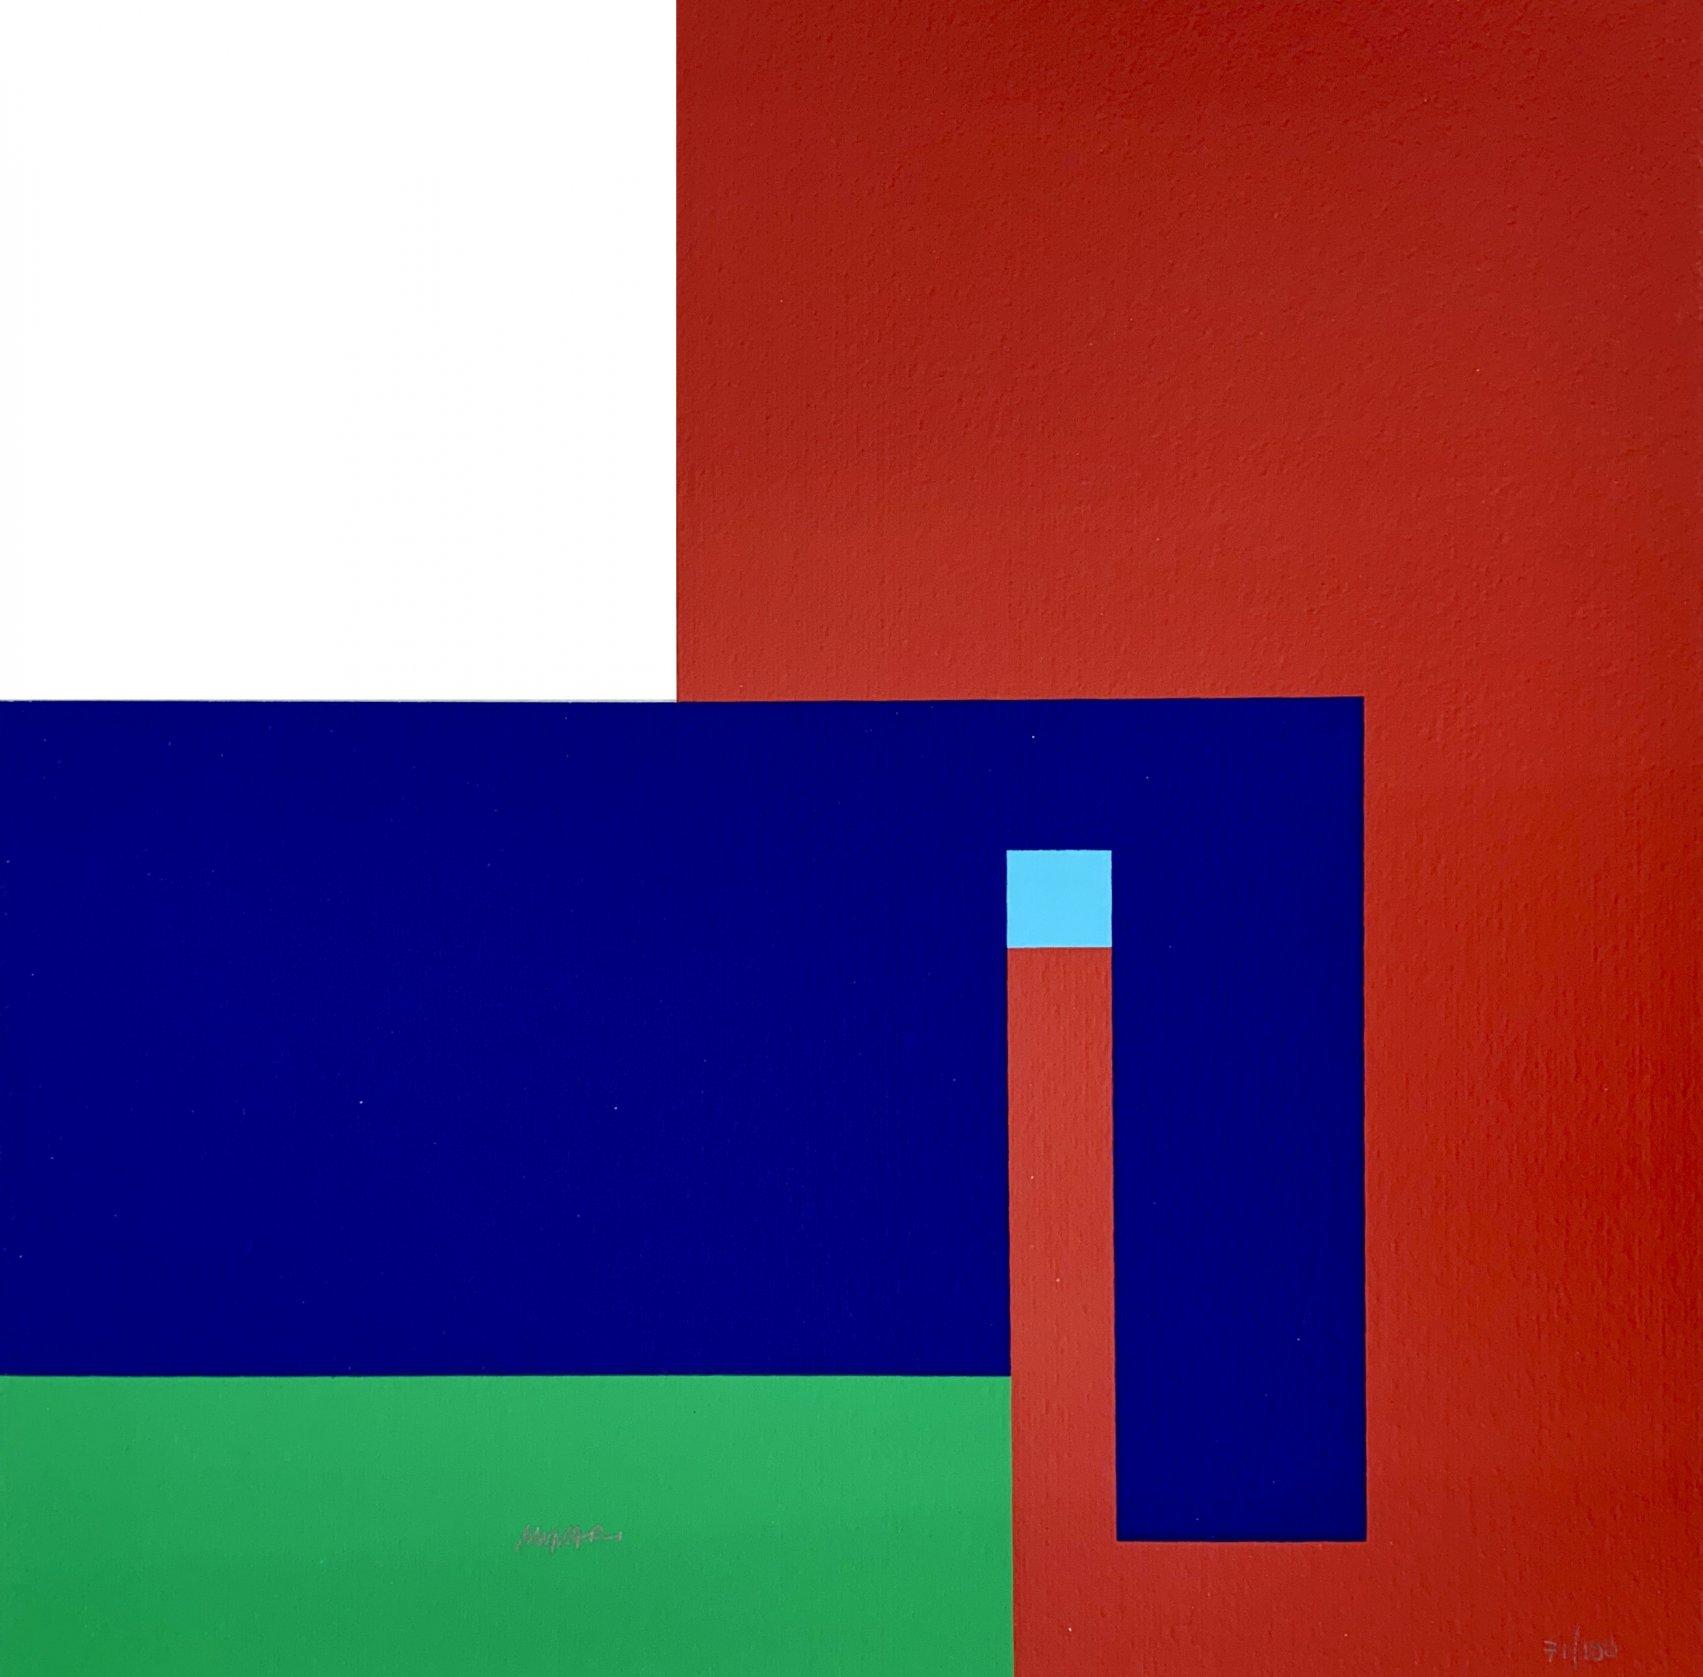 Variazioni cromatiche (2020) - Bruno Munari